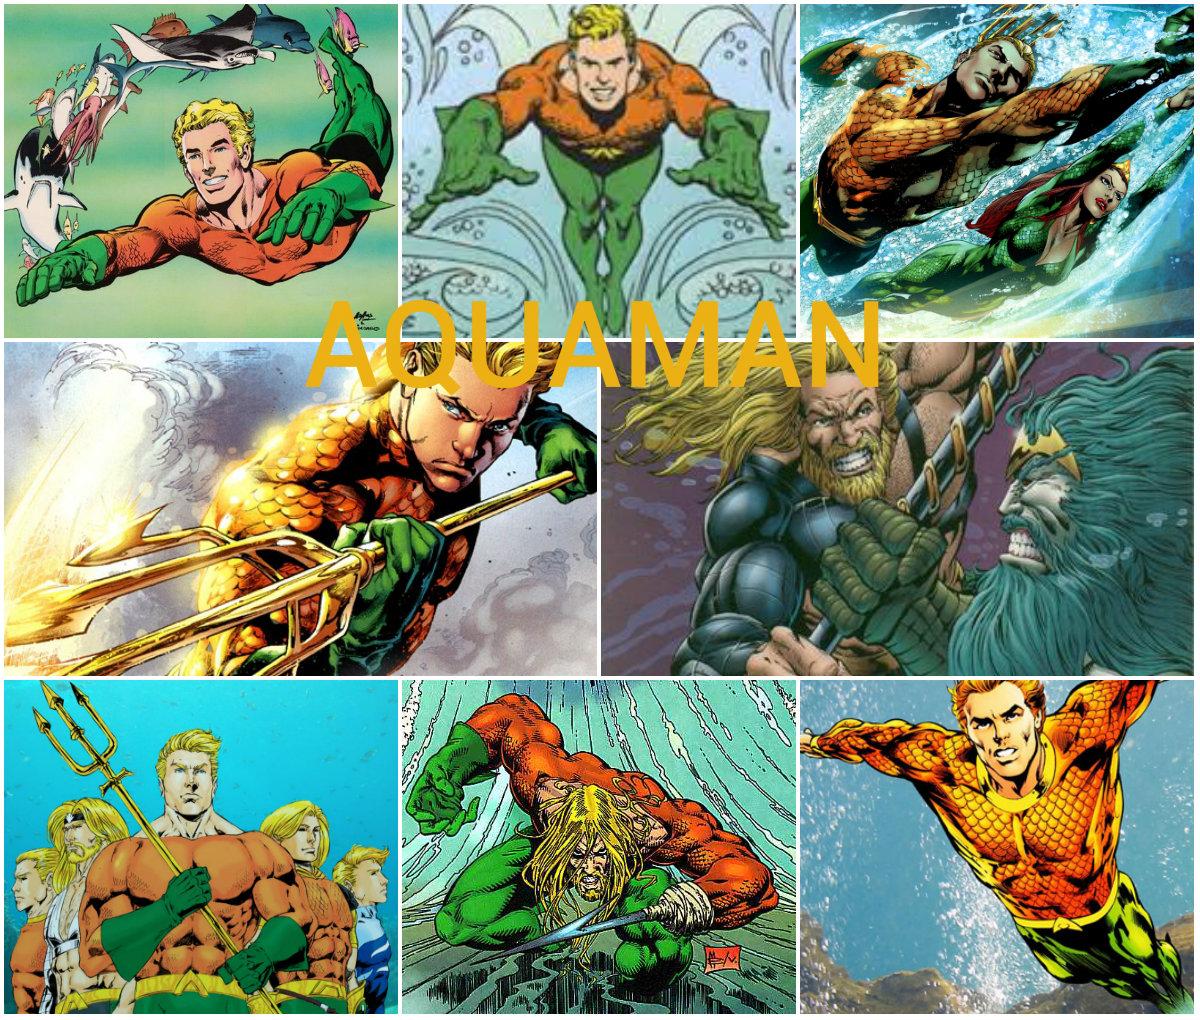 NÃO SE DEIXE enganar pela falta de dedicação ao personagem nos desenhos e  filmes , o Rei dos 7 Mares é um homem muito poderoso e foi membro fundador  da Liga ... f9487a5c39